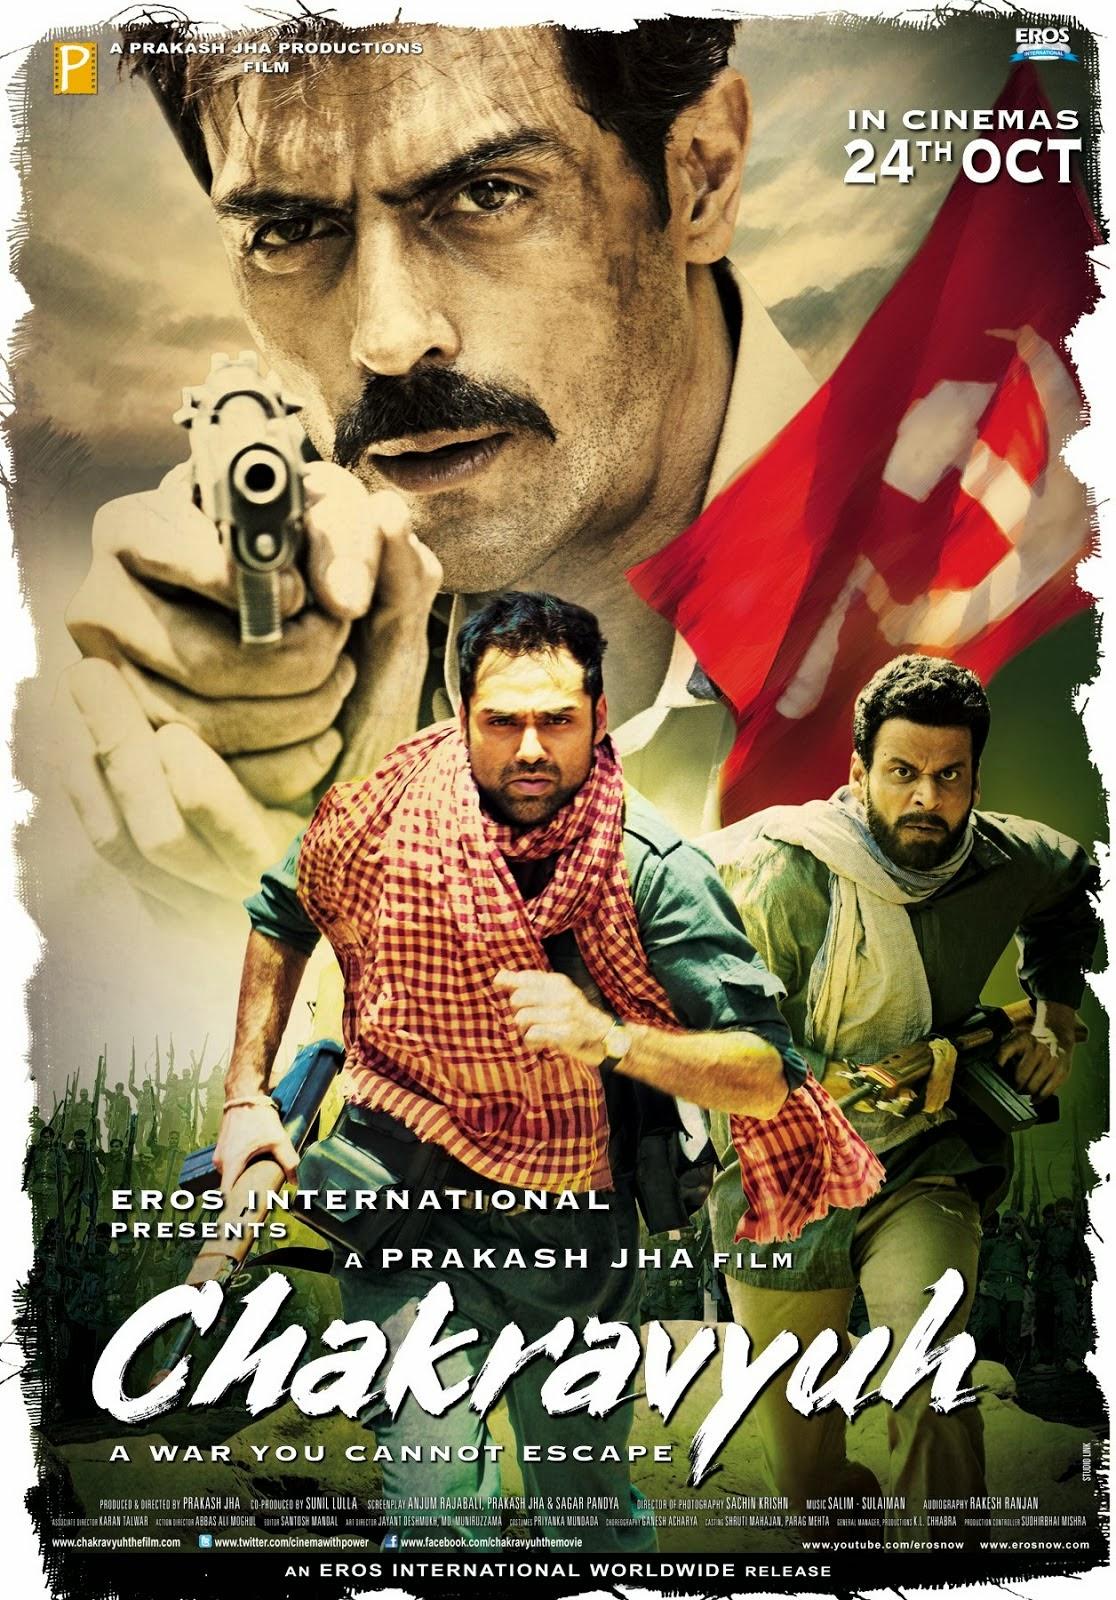 chakravyuh 2012 bollywood hindi movie bluray new bollywood movies